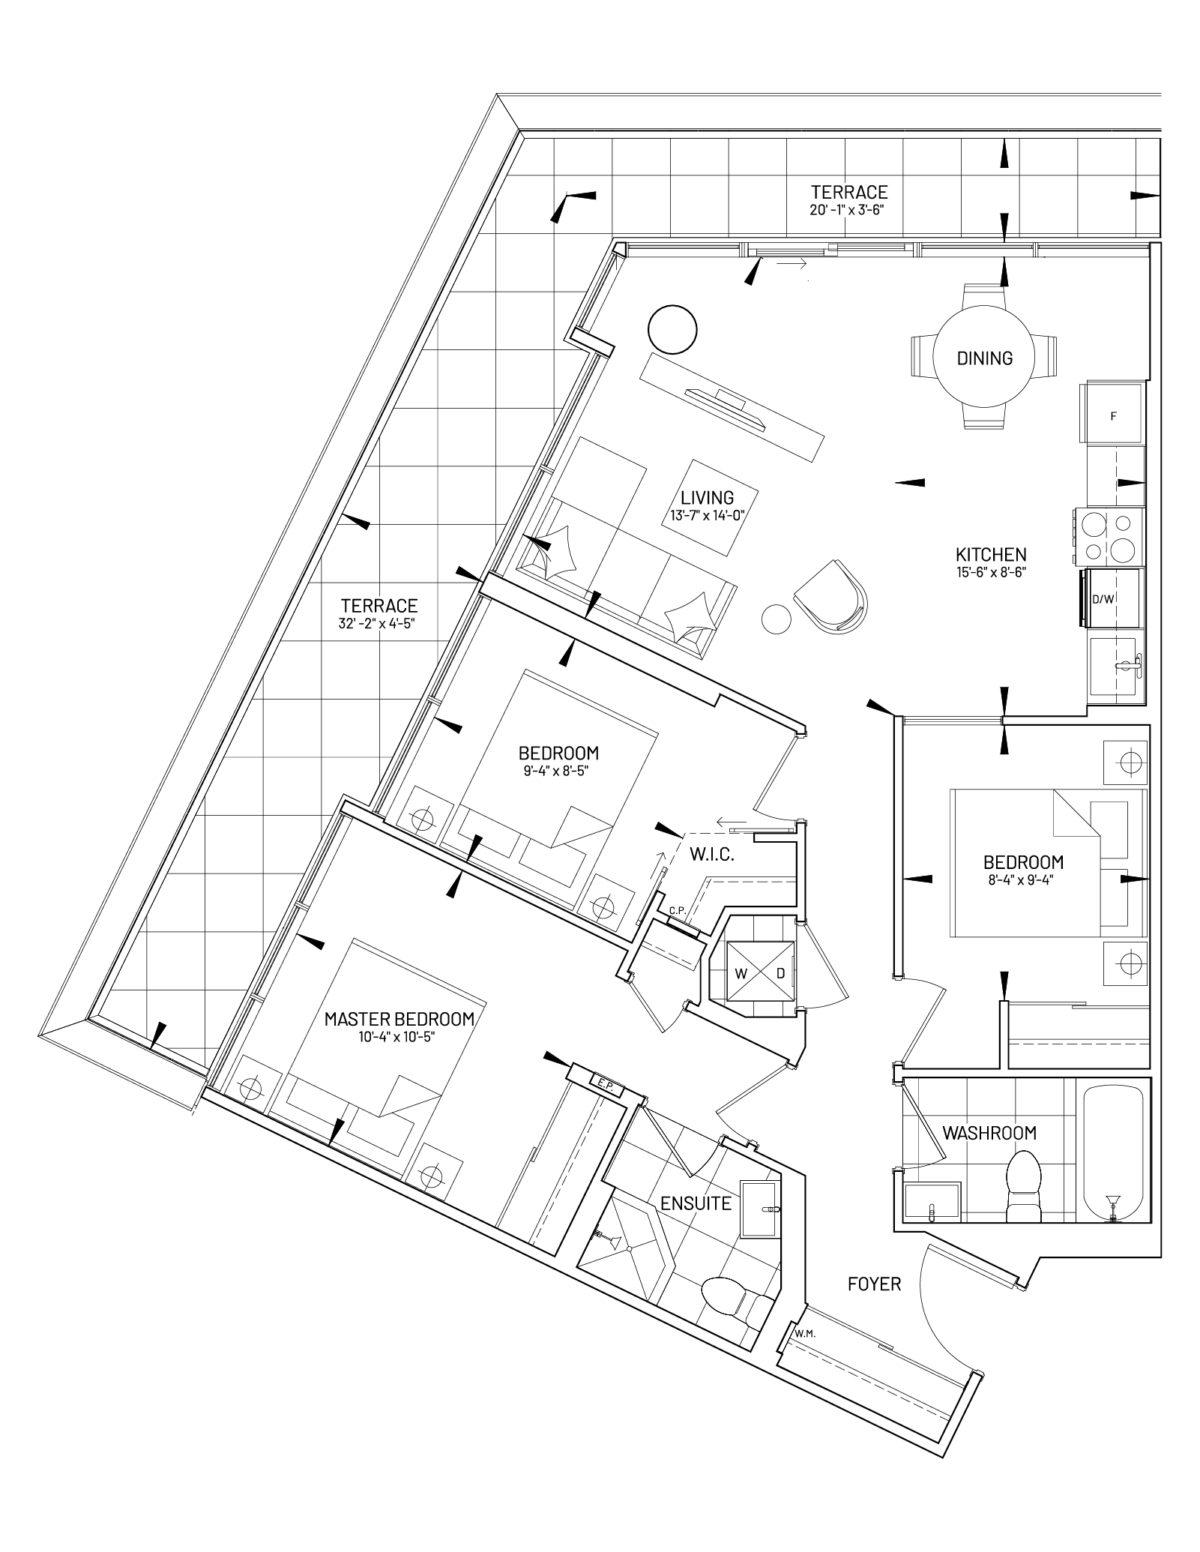 Suite 3-C Floor Plan